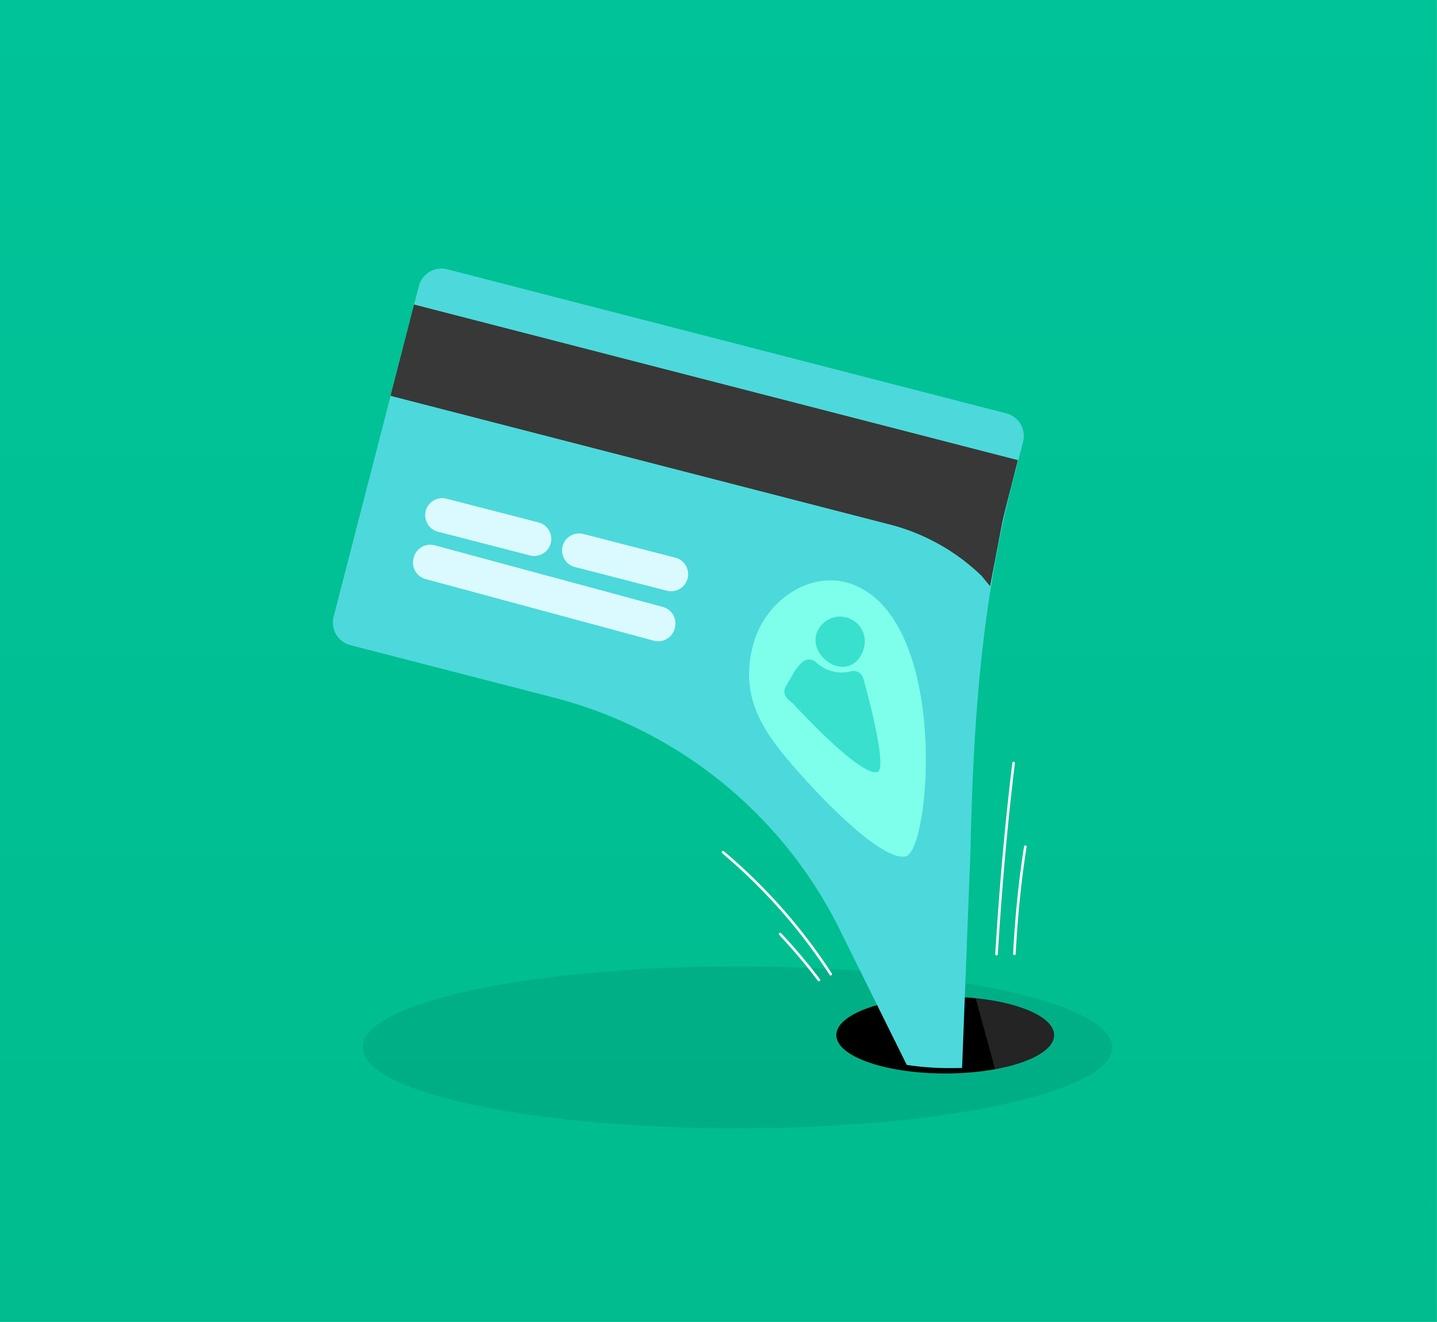 Um antifraude deve analisar todas as minhas transações ou apenas as mais arriscadas?